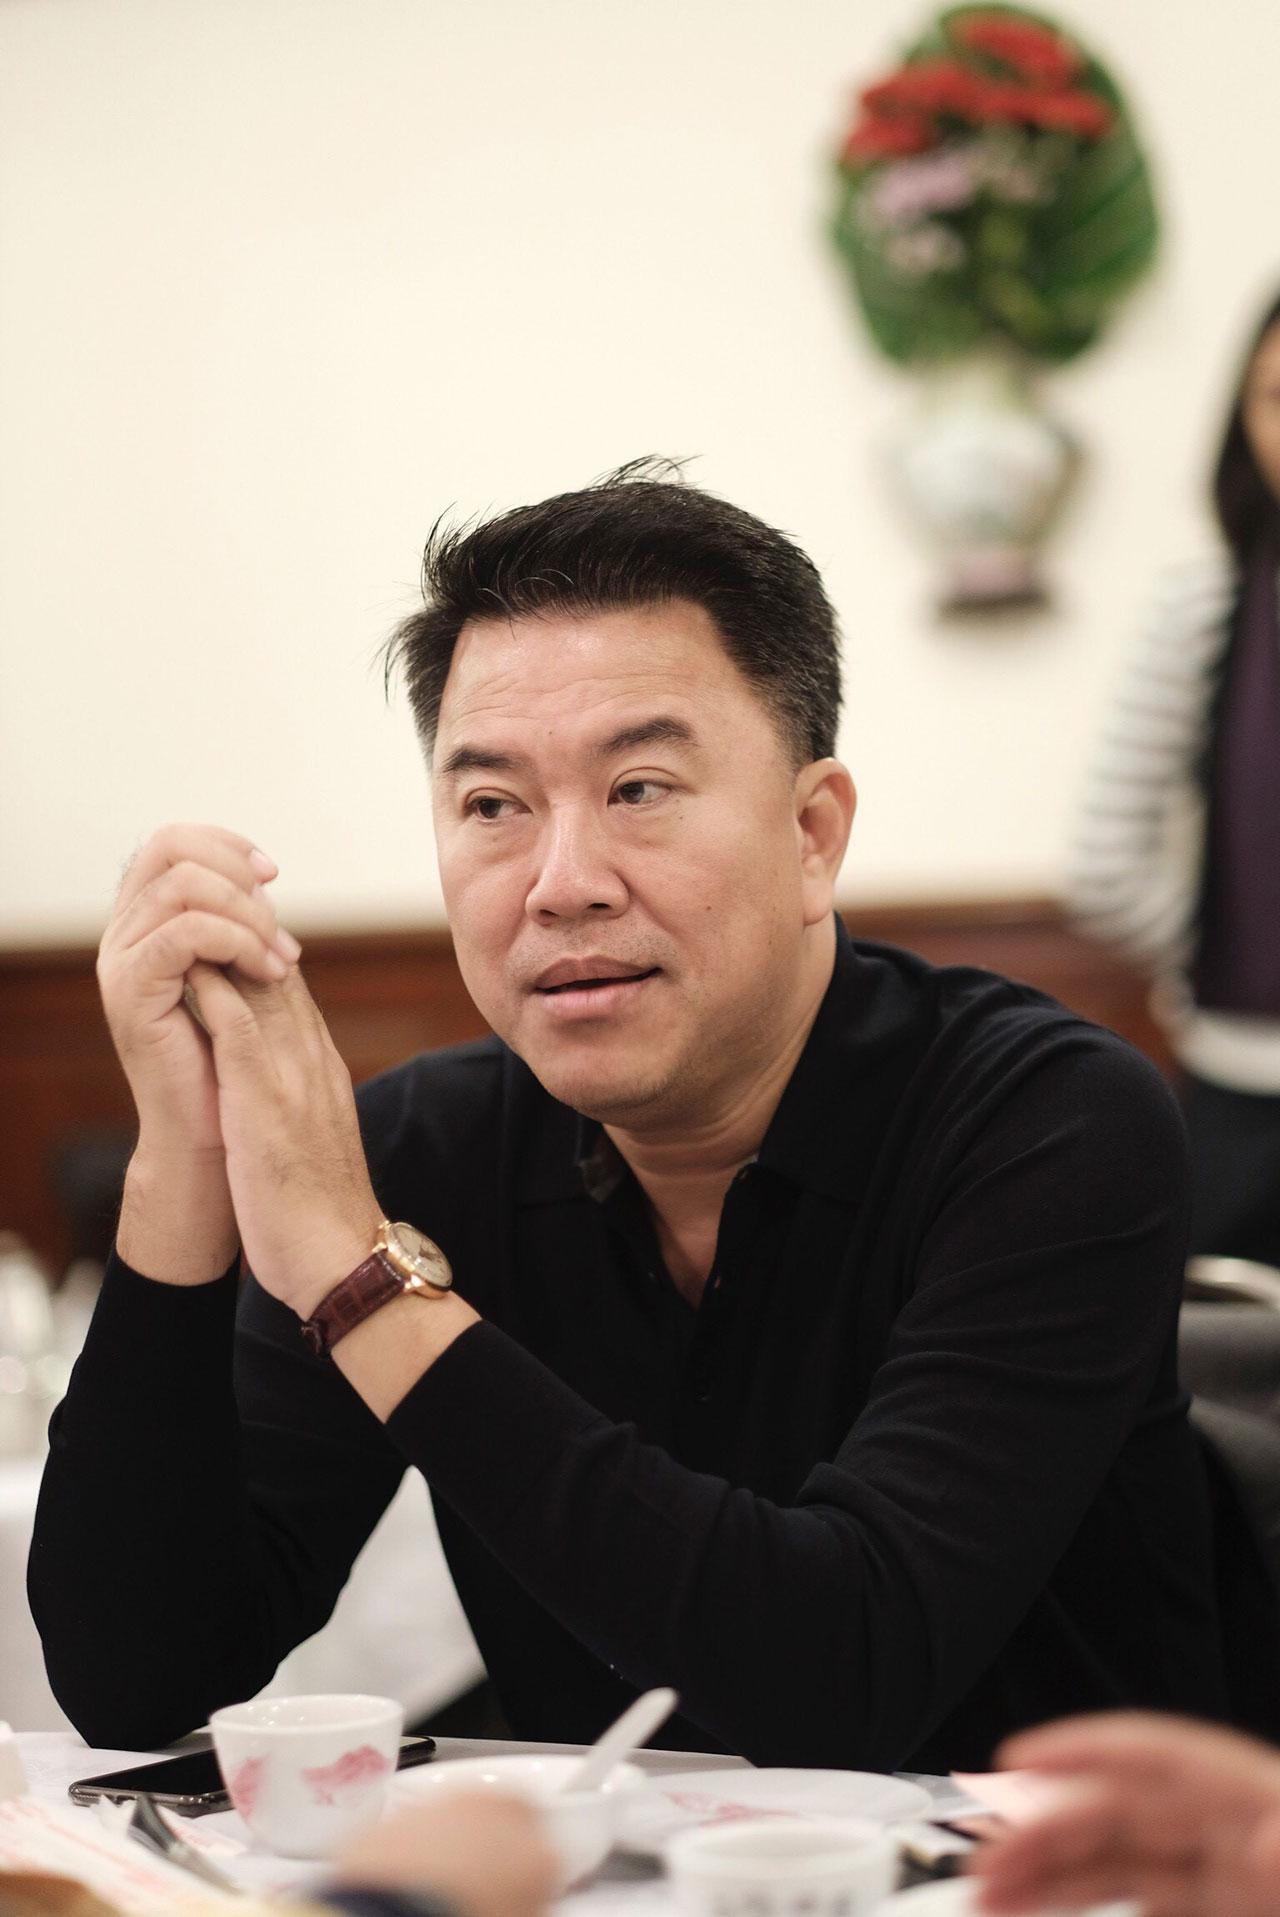 กรรมการผู้จัดการใหญ่ และประธานเจ้าหน้าที่บริหารธนาคารไทยพาณิชย์ SCB